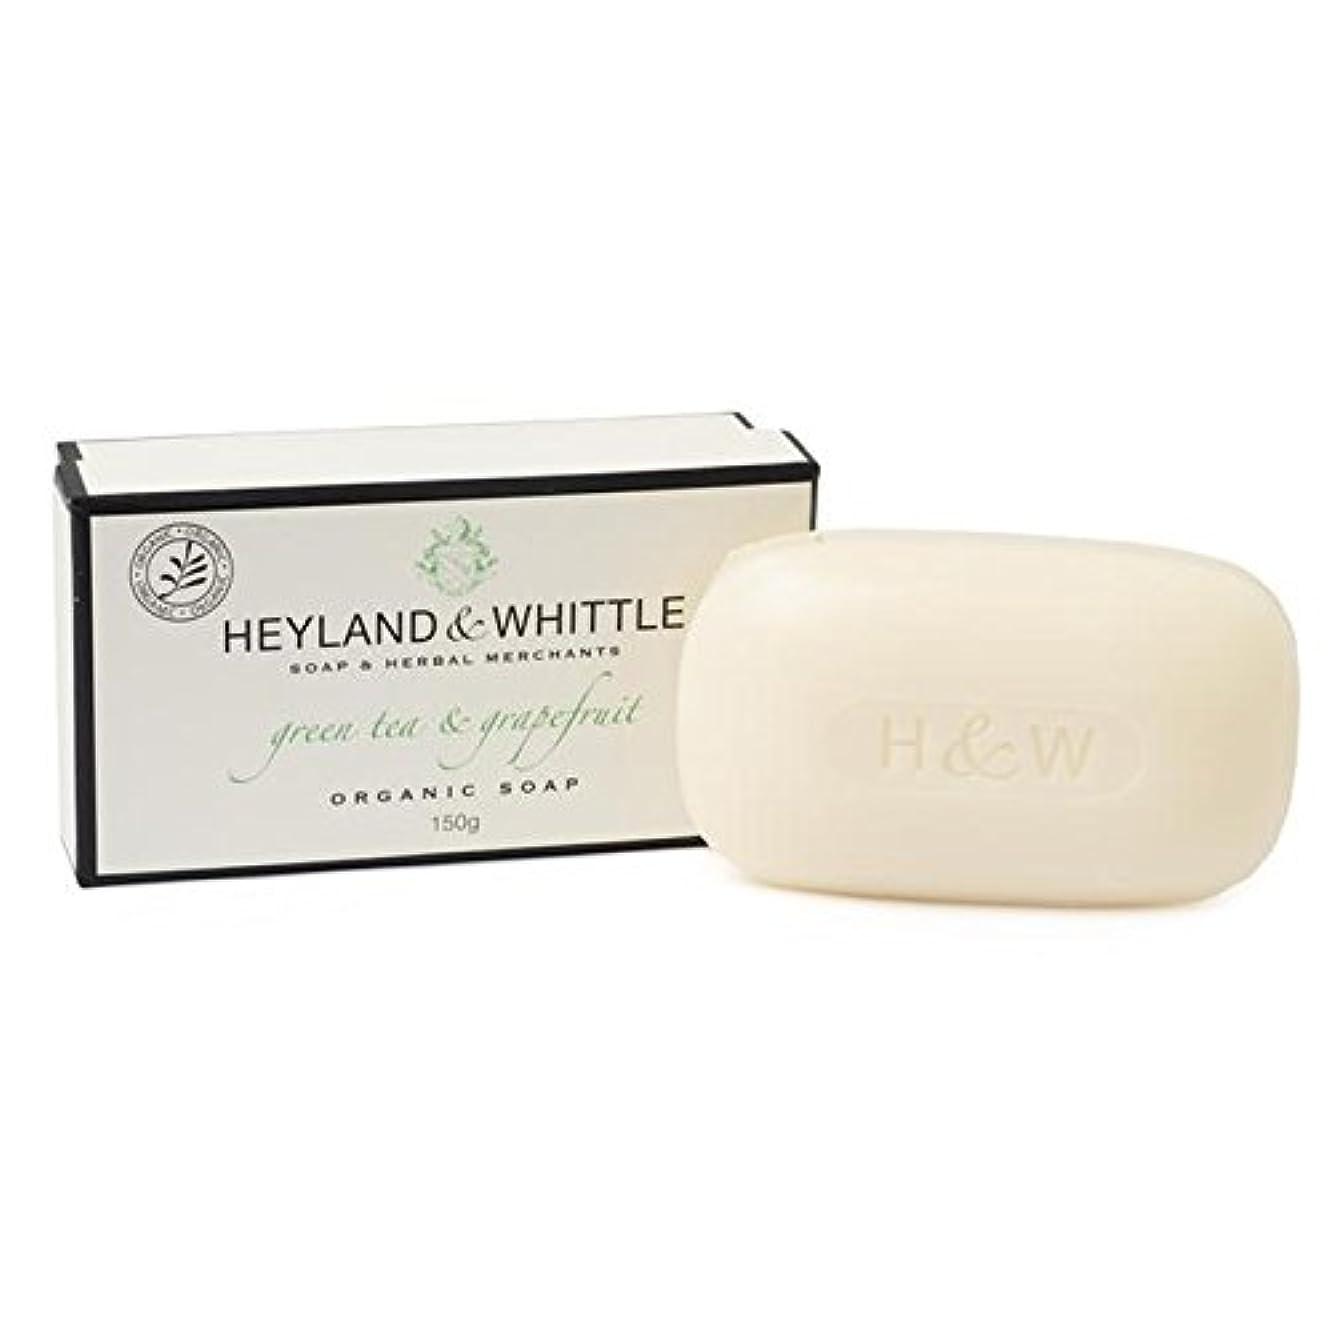 重大ご飯盲信Heyland & Whittle Green Tea & Grapefruit Boxed Organic Soap 150g - &削る緑茶&グレープフルーツはオーガニックソープ150グラム箱入り [並行輸入品]